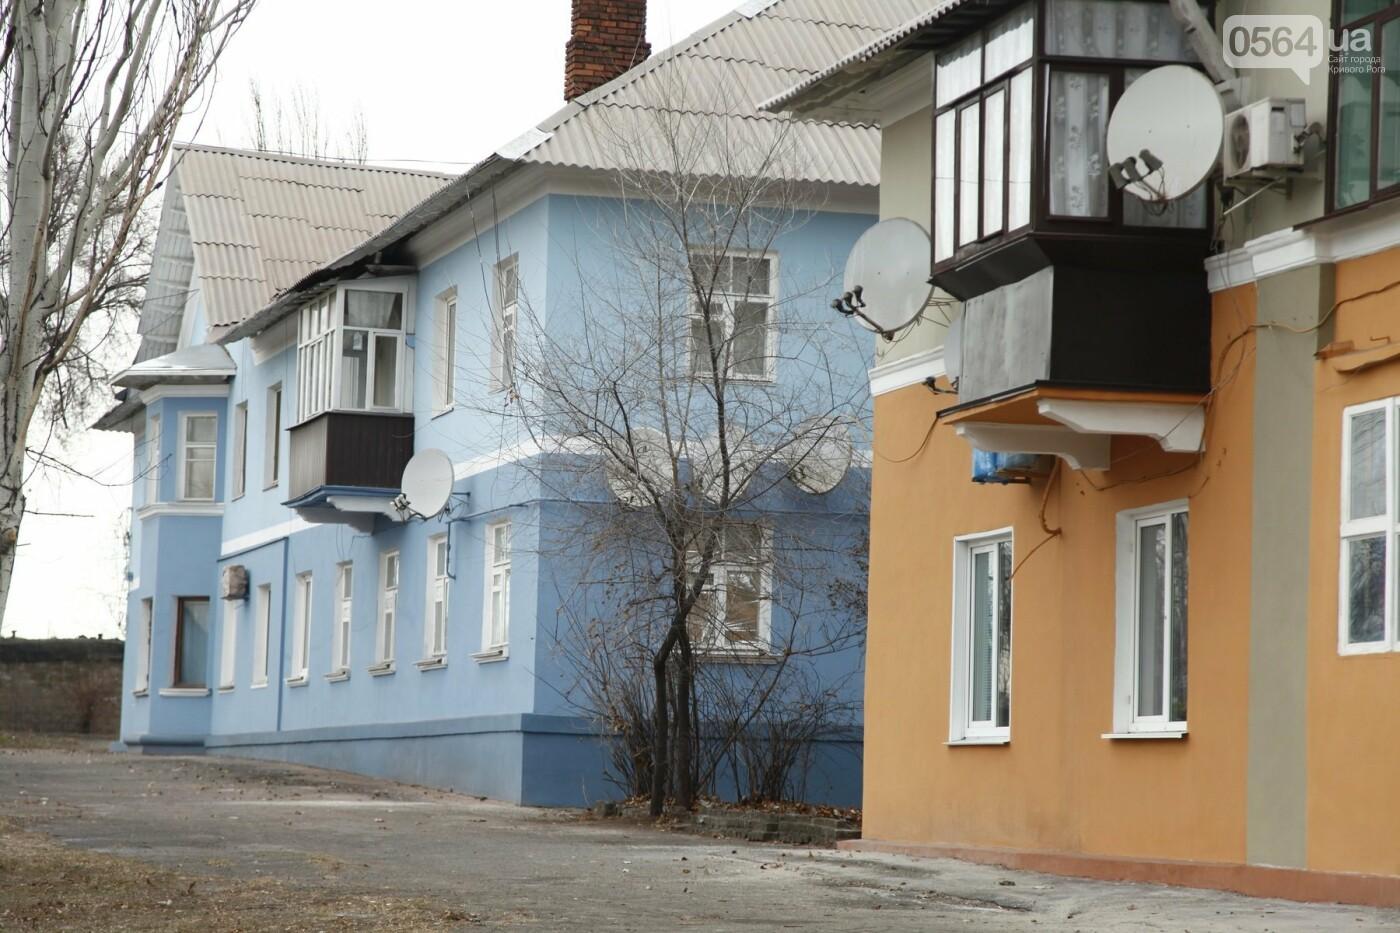 Южный ГОК отреставрировал фасады домов в поселке Матреновка, фото-3